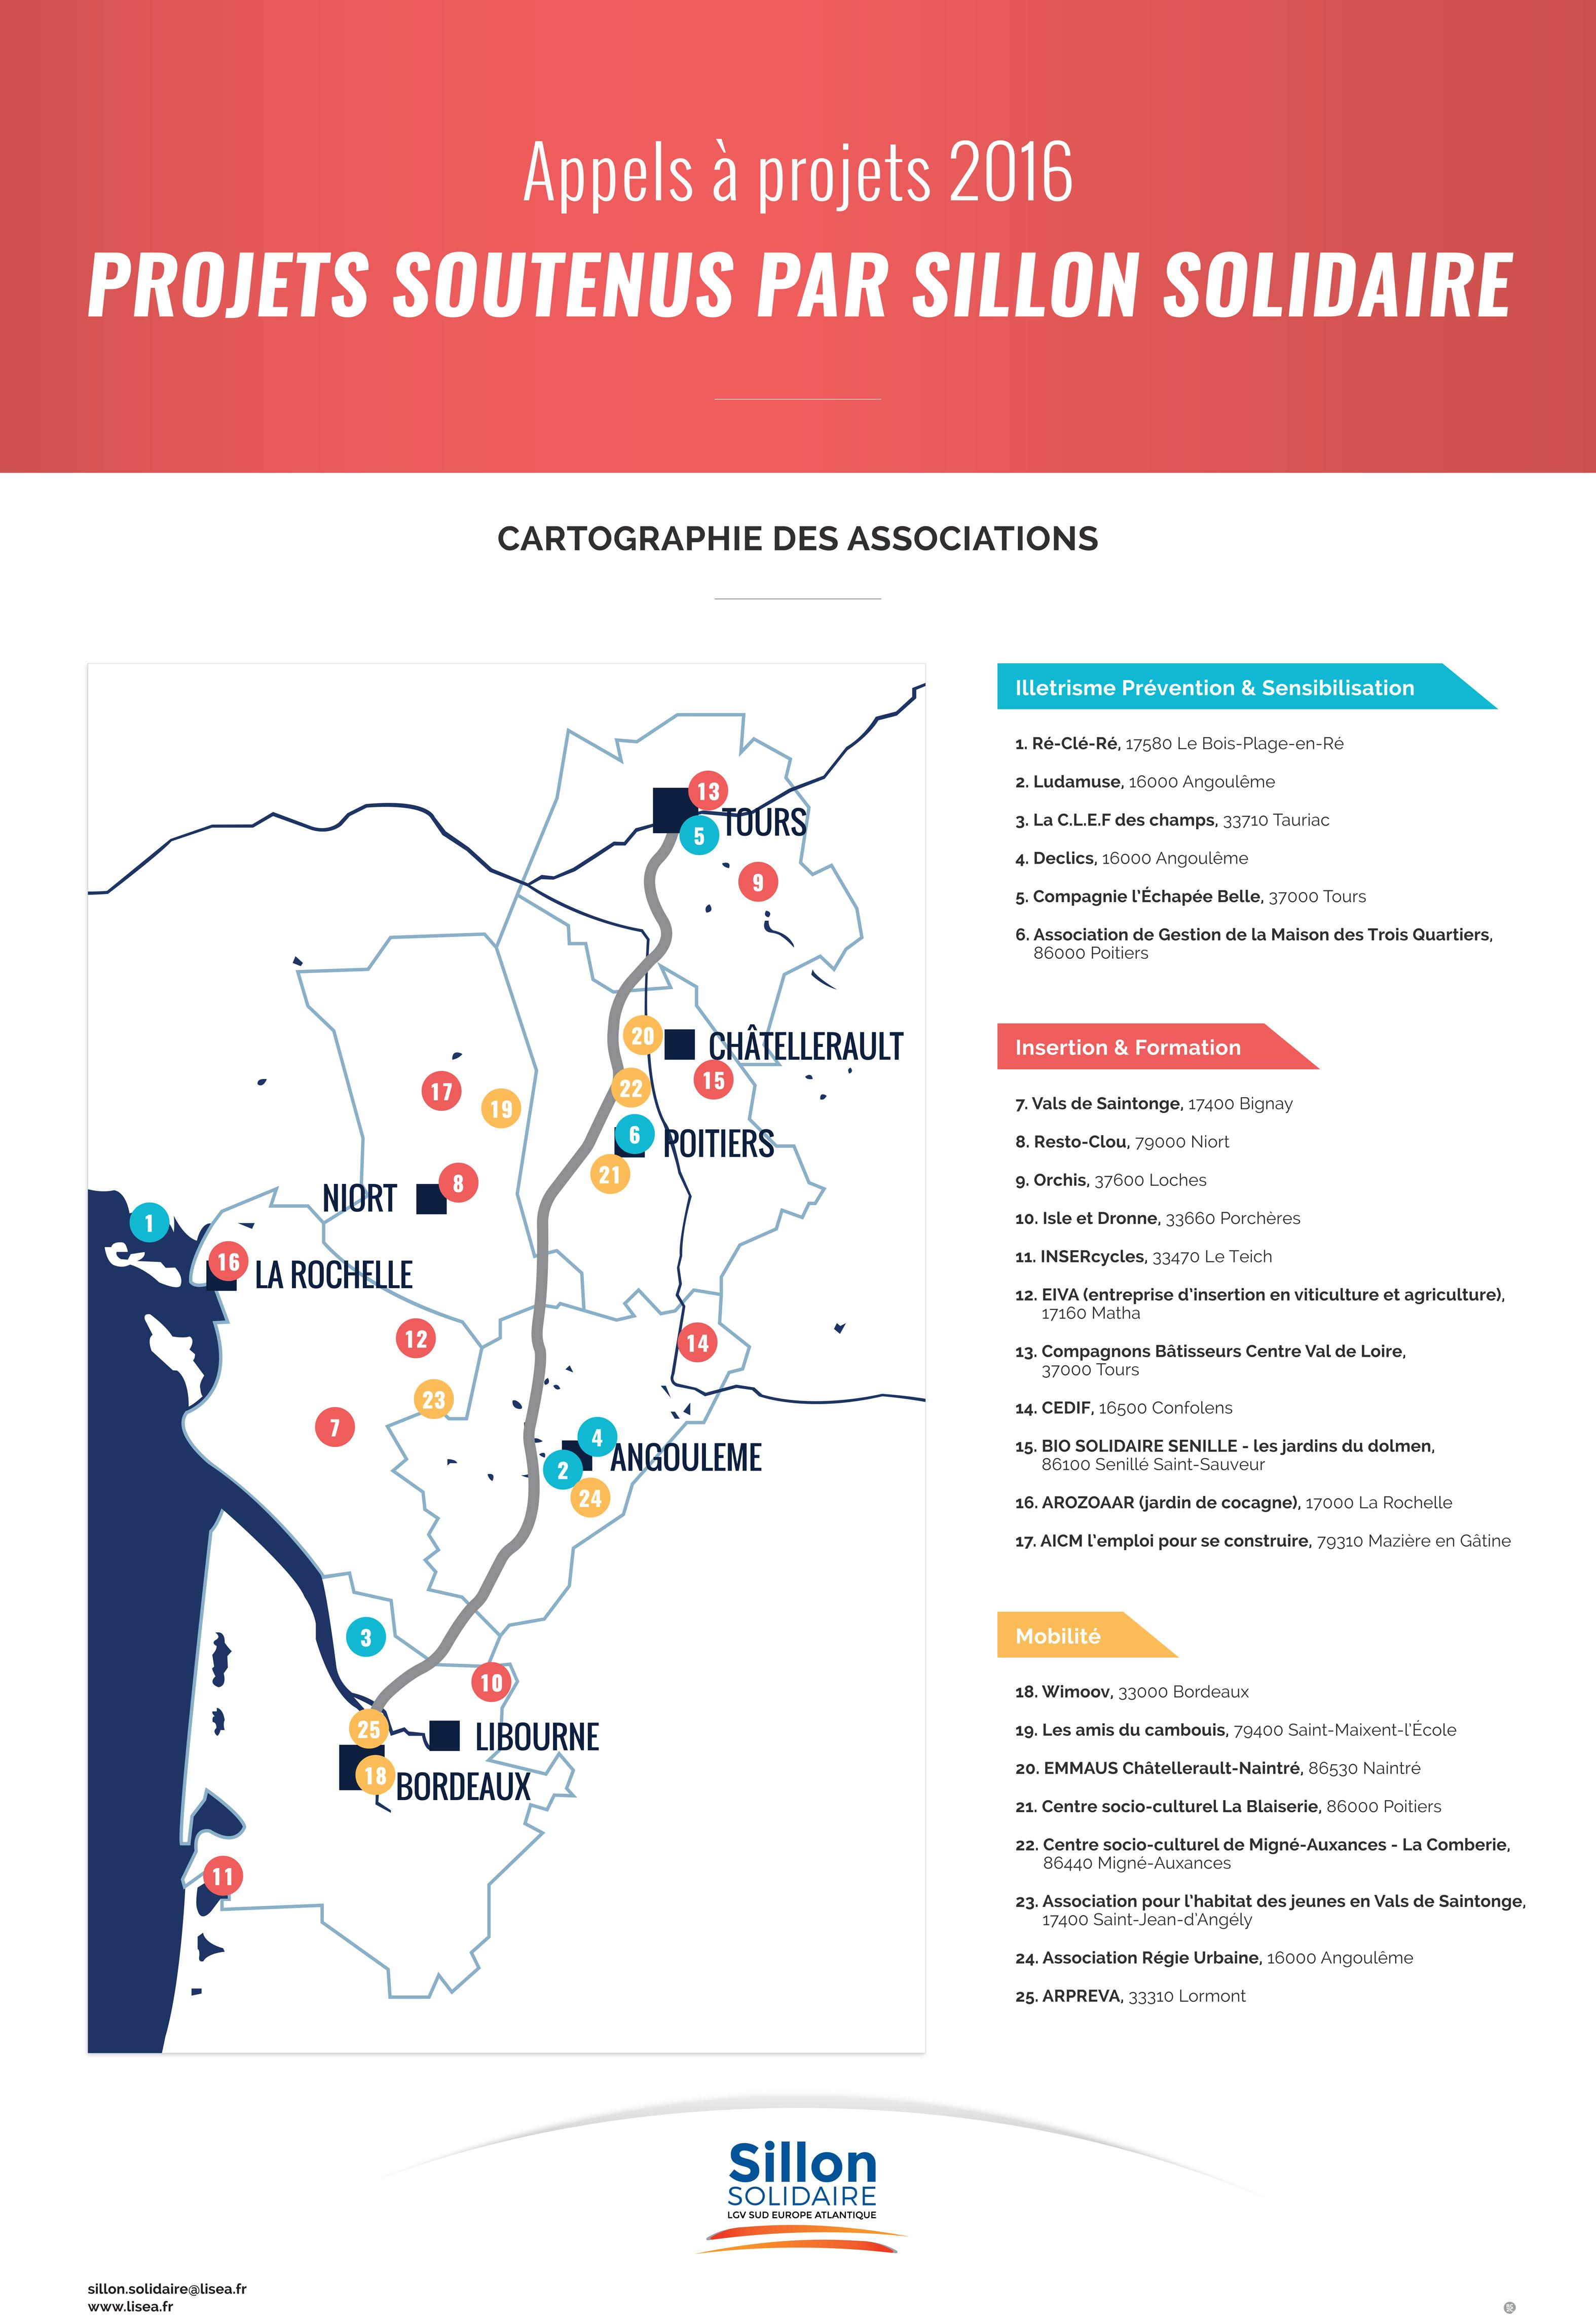 Découvrez la cartographie des projets soutenus par Sillon Solidaire en 2016